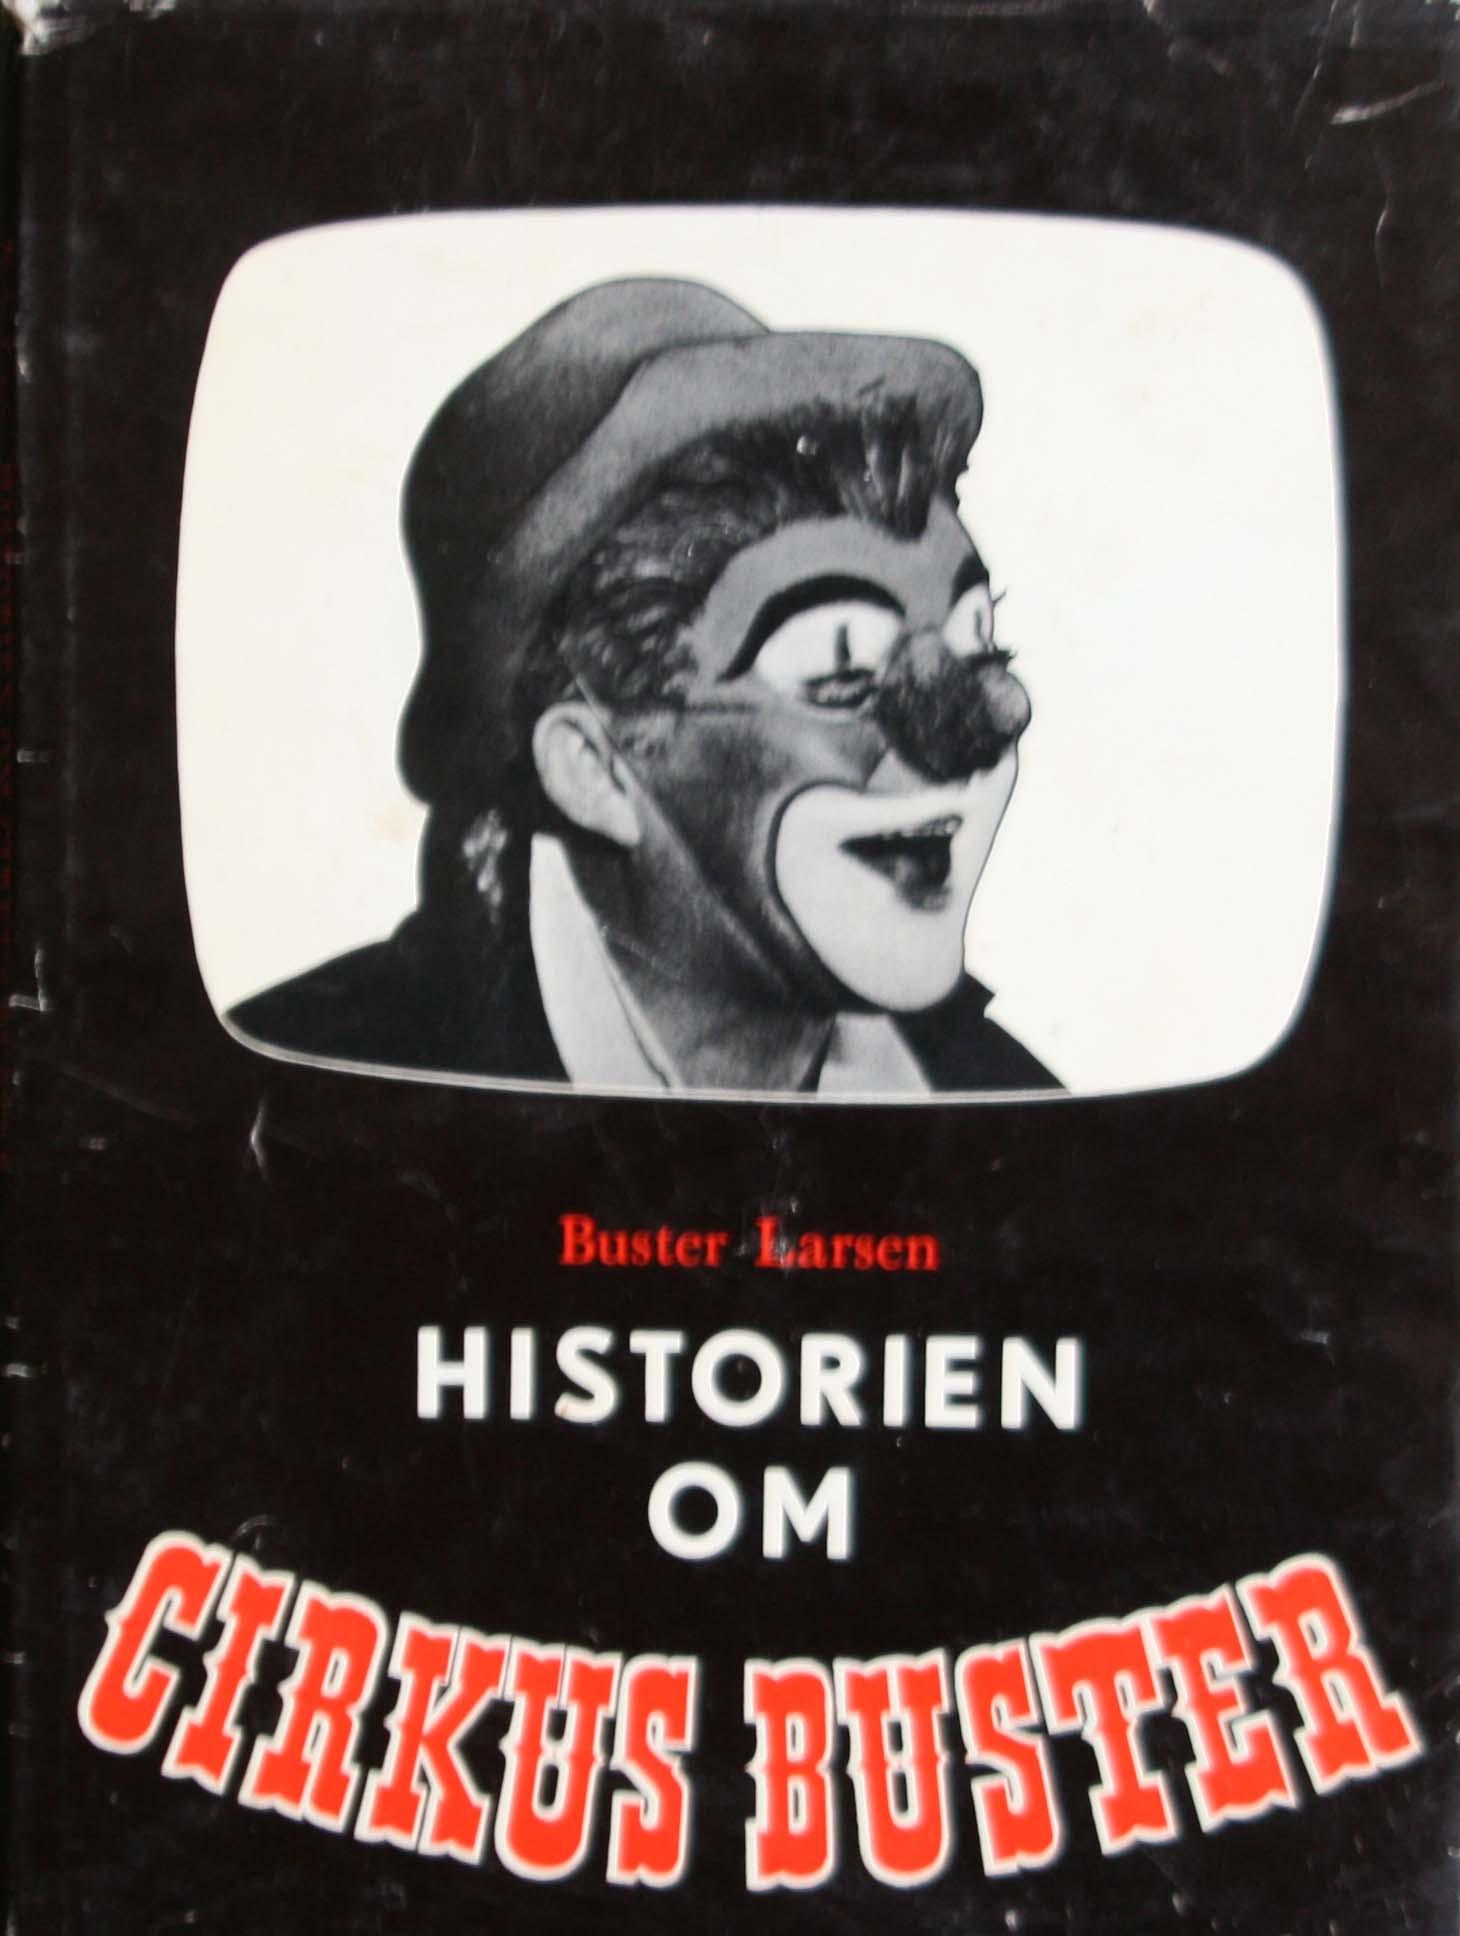 buster larsen cirkus buster billedbog